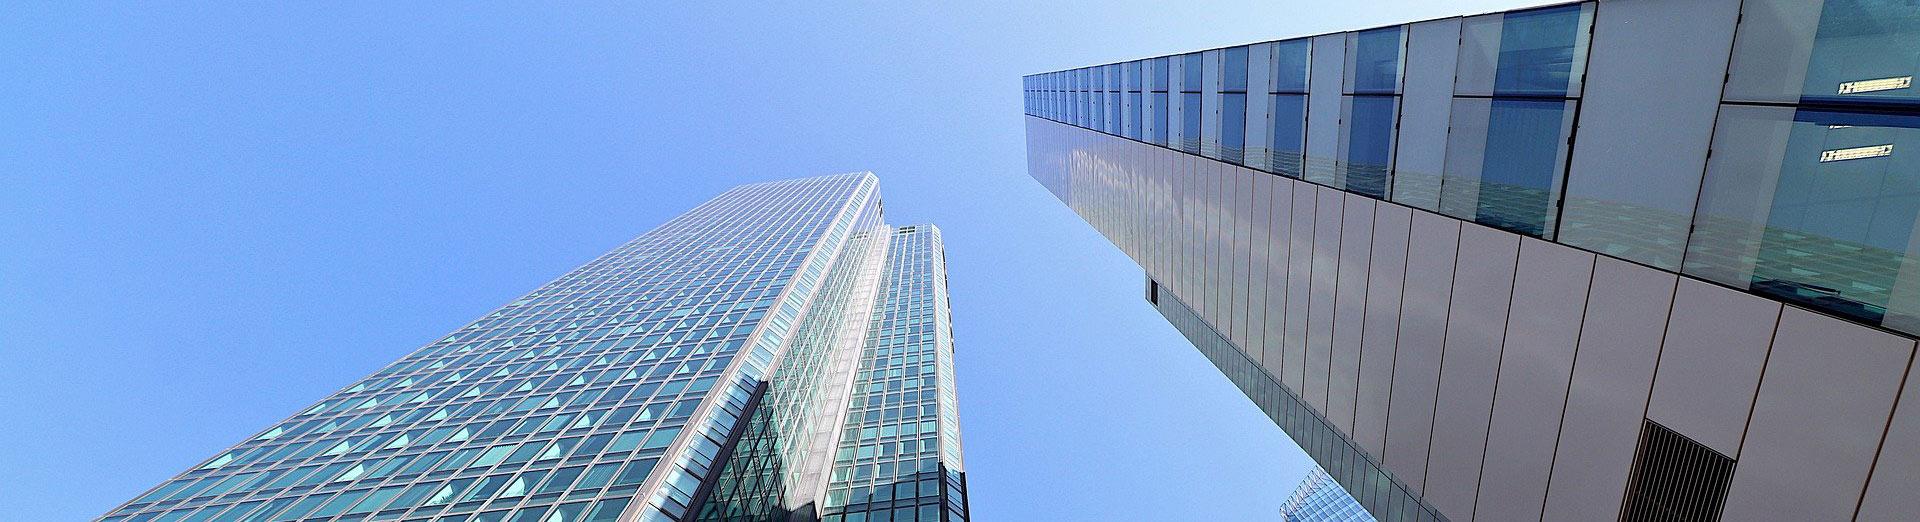 Immeubles d'entreprises dans un quartier d'affaires